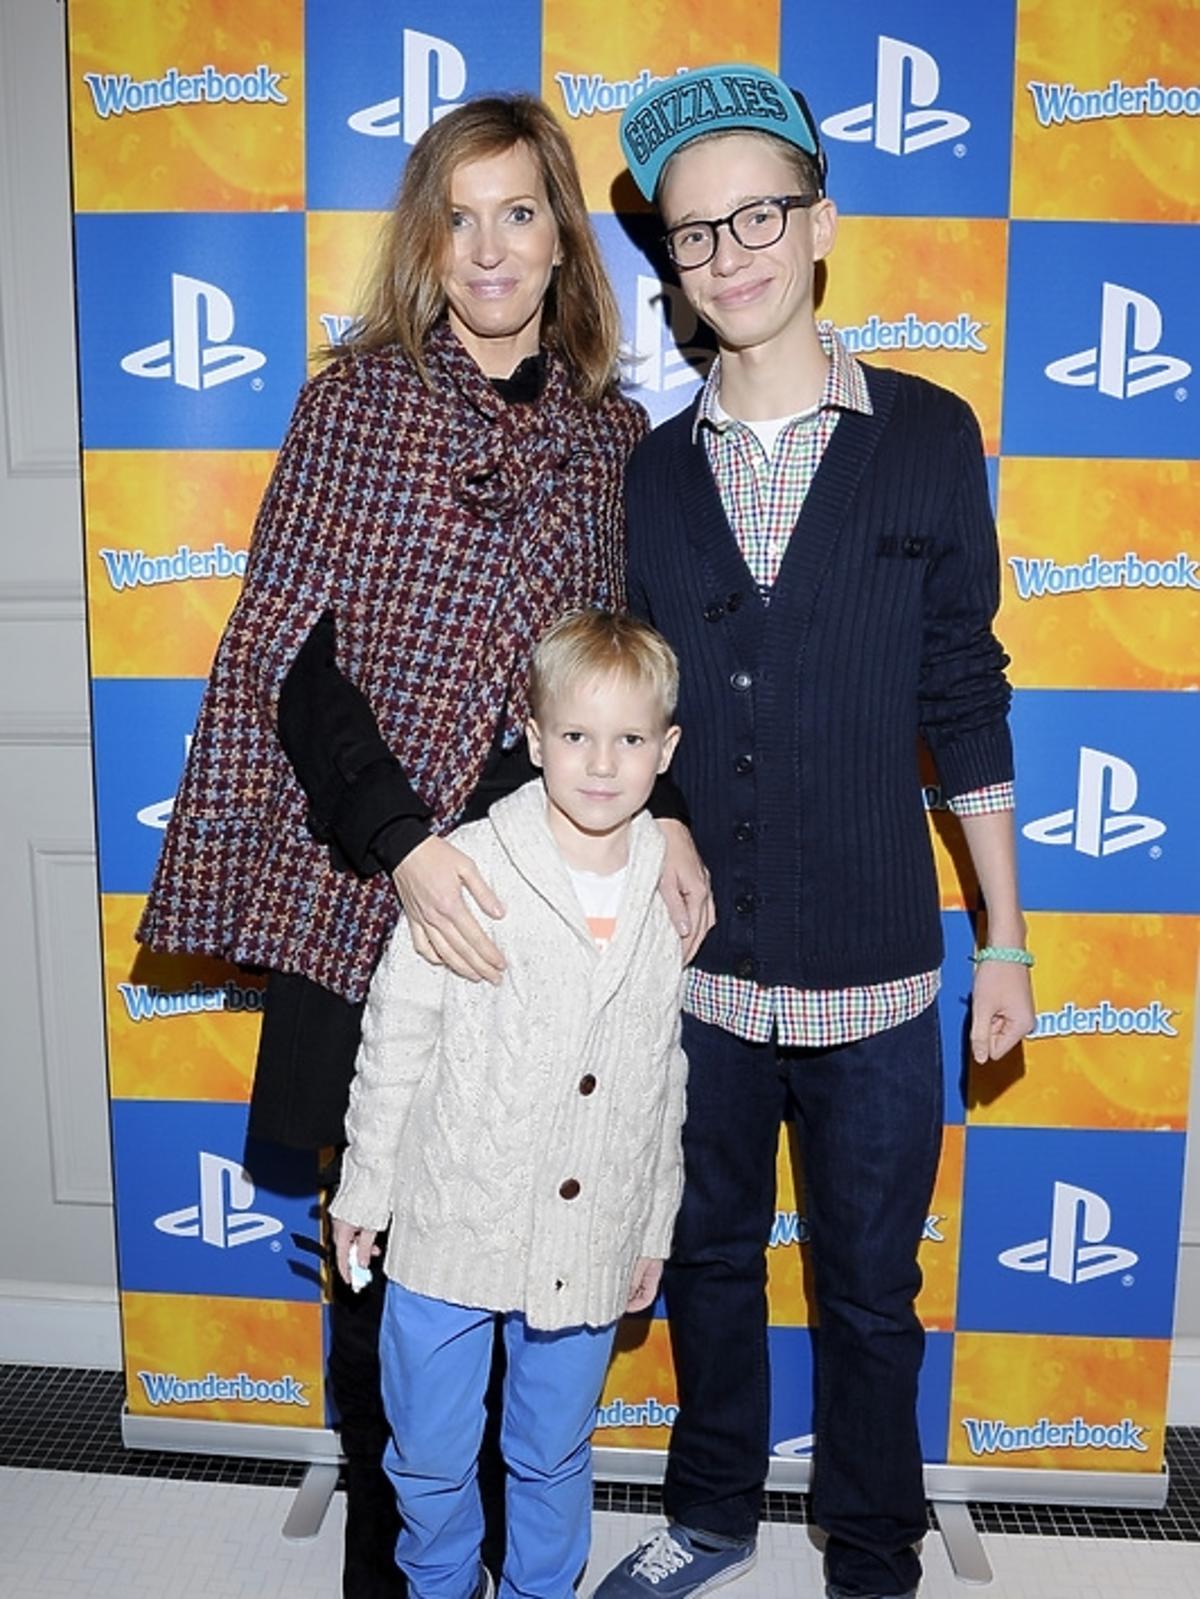 Paulina Smaszcz-Kurzajewska z dziećmi na premierze PlayStation 3 - Wonderbook: Księga Czarów